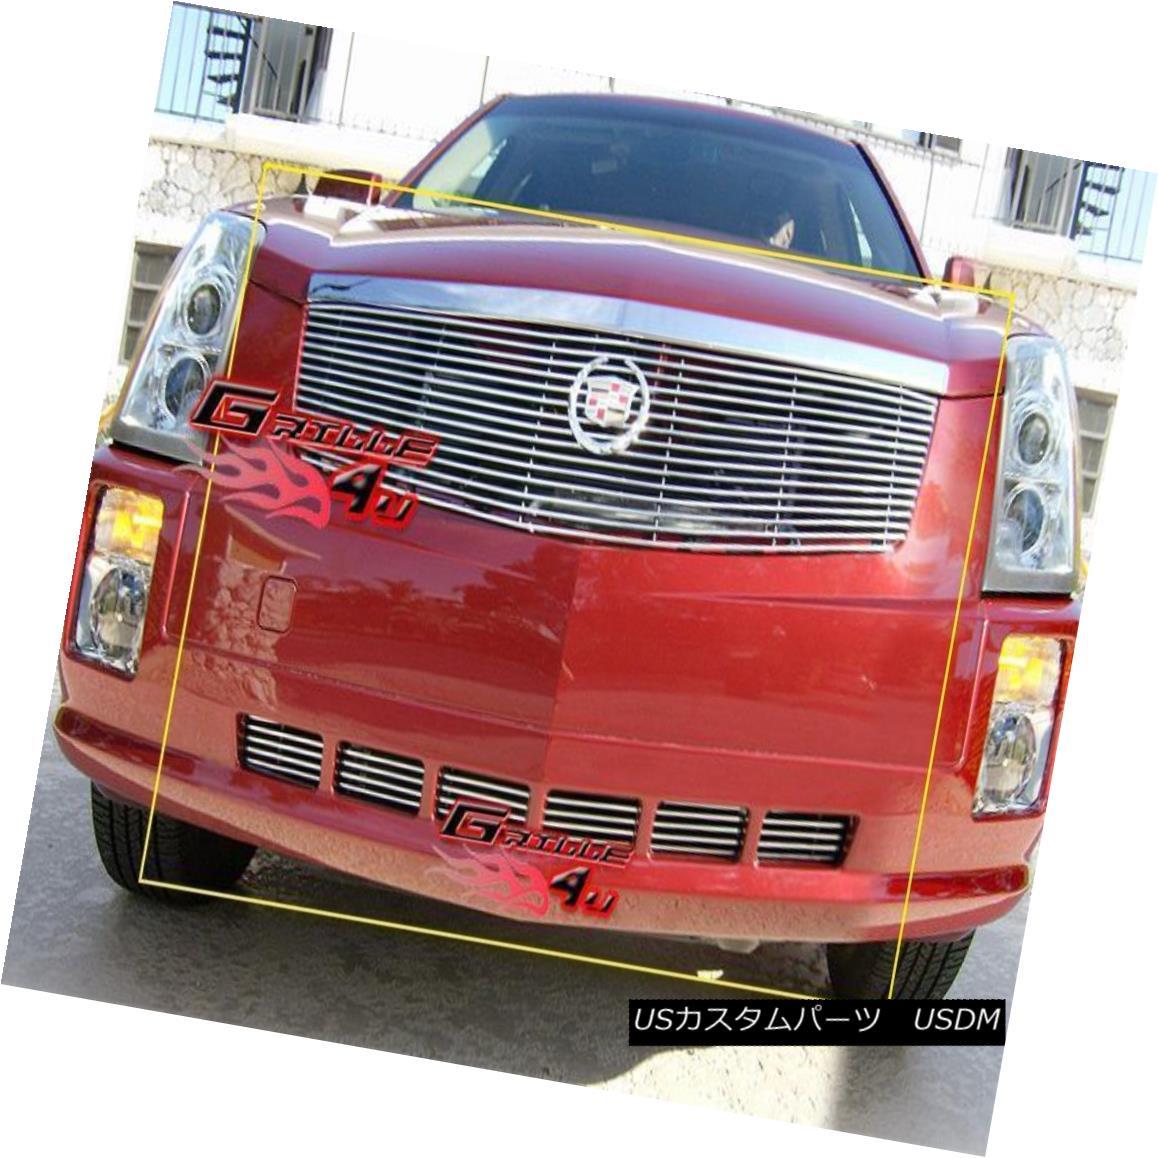 グリル Fits 2005-2009 Cadillac SRX Replacement Billet Grille Inserts Combo 適合2005-2009キャデラックSRX交換ビレットグリルインサートコンボ